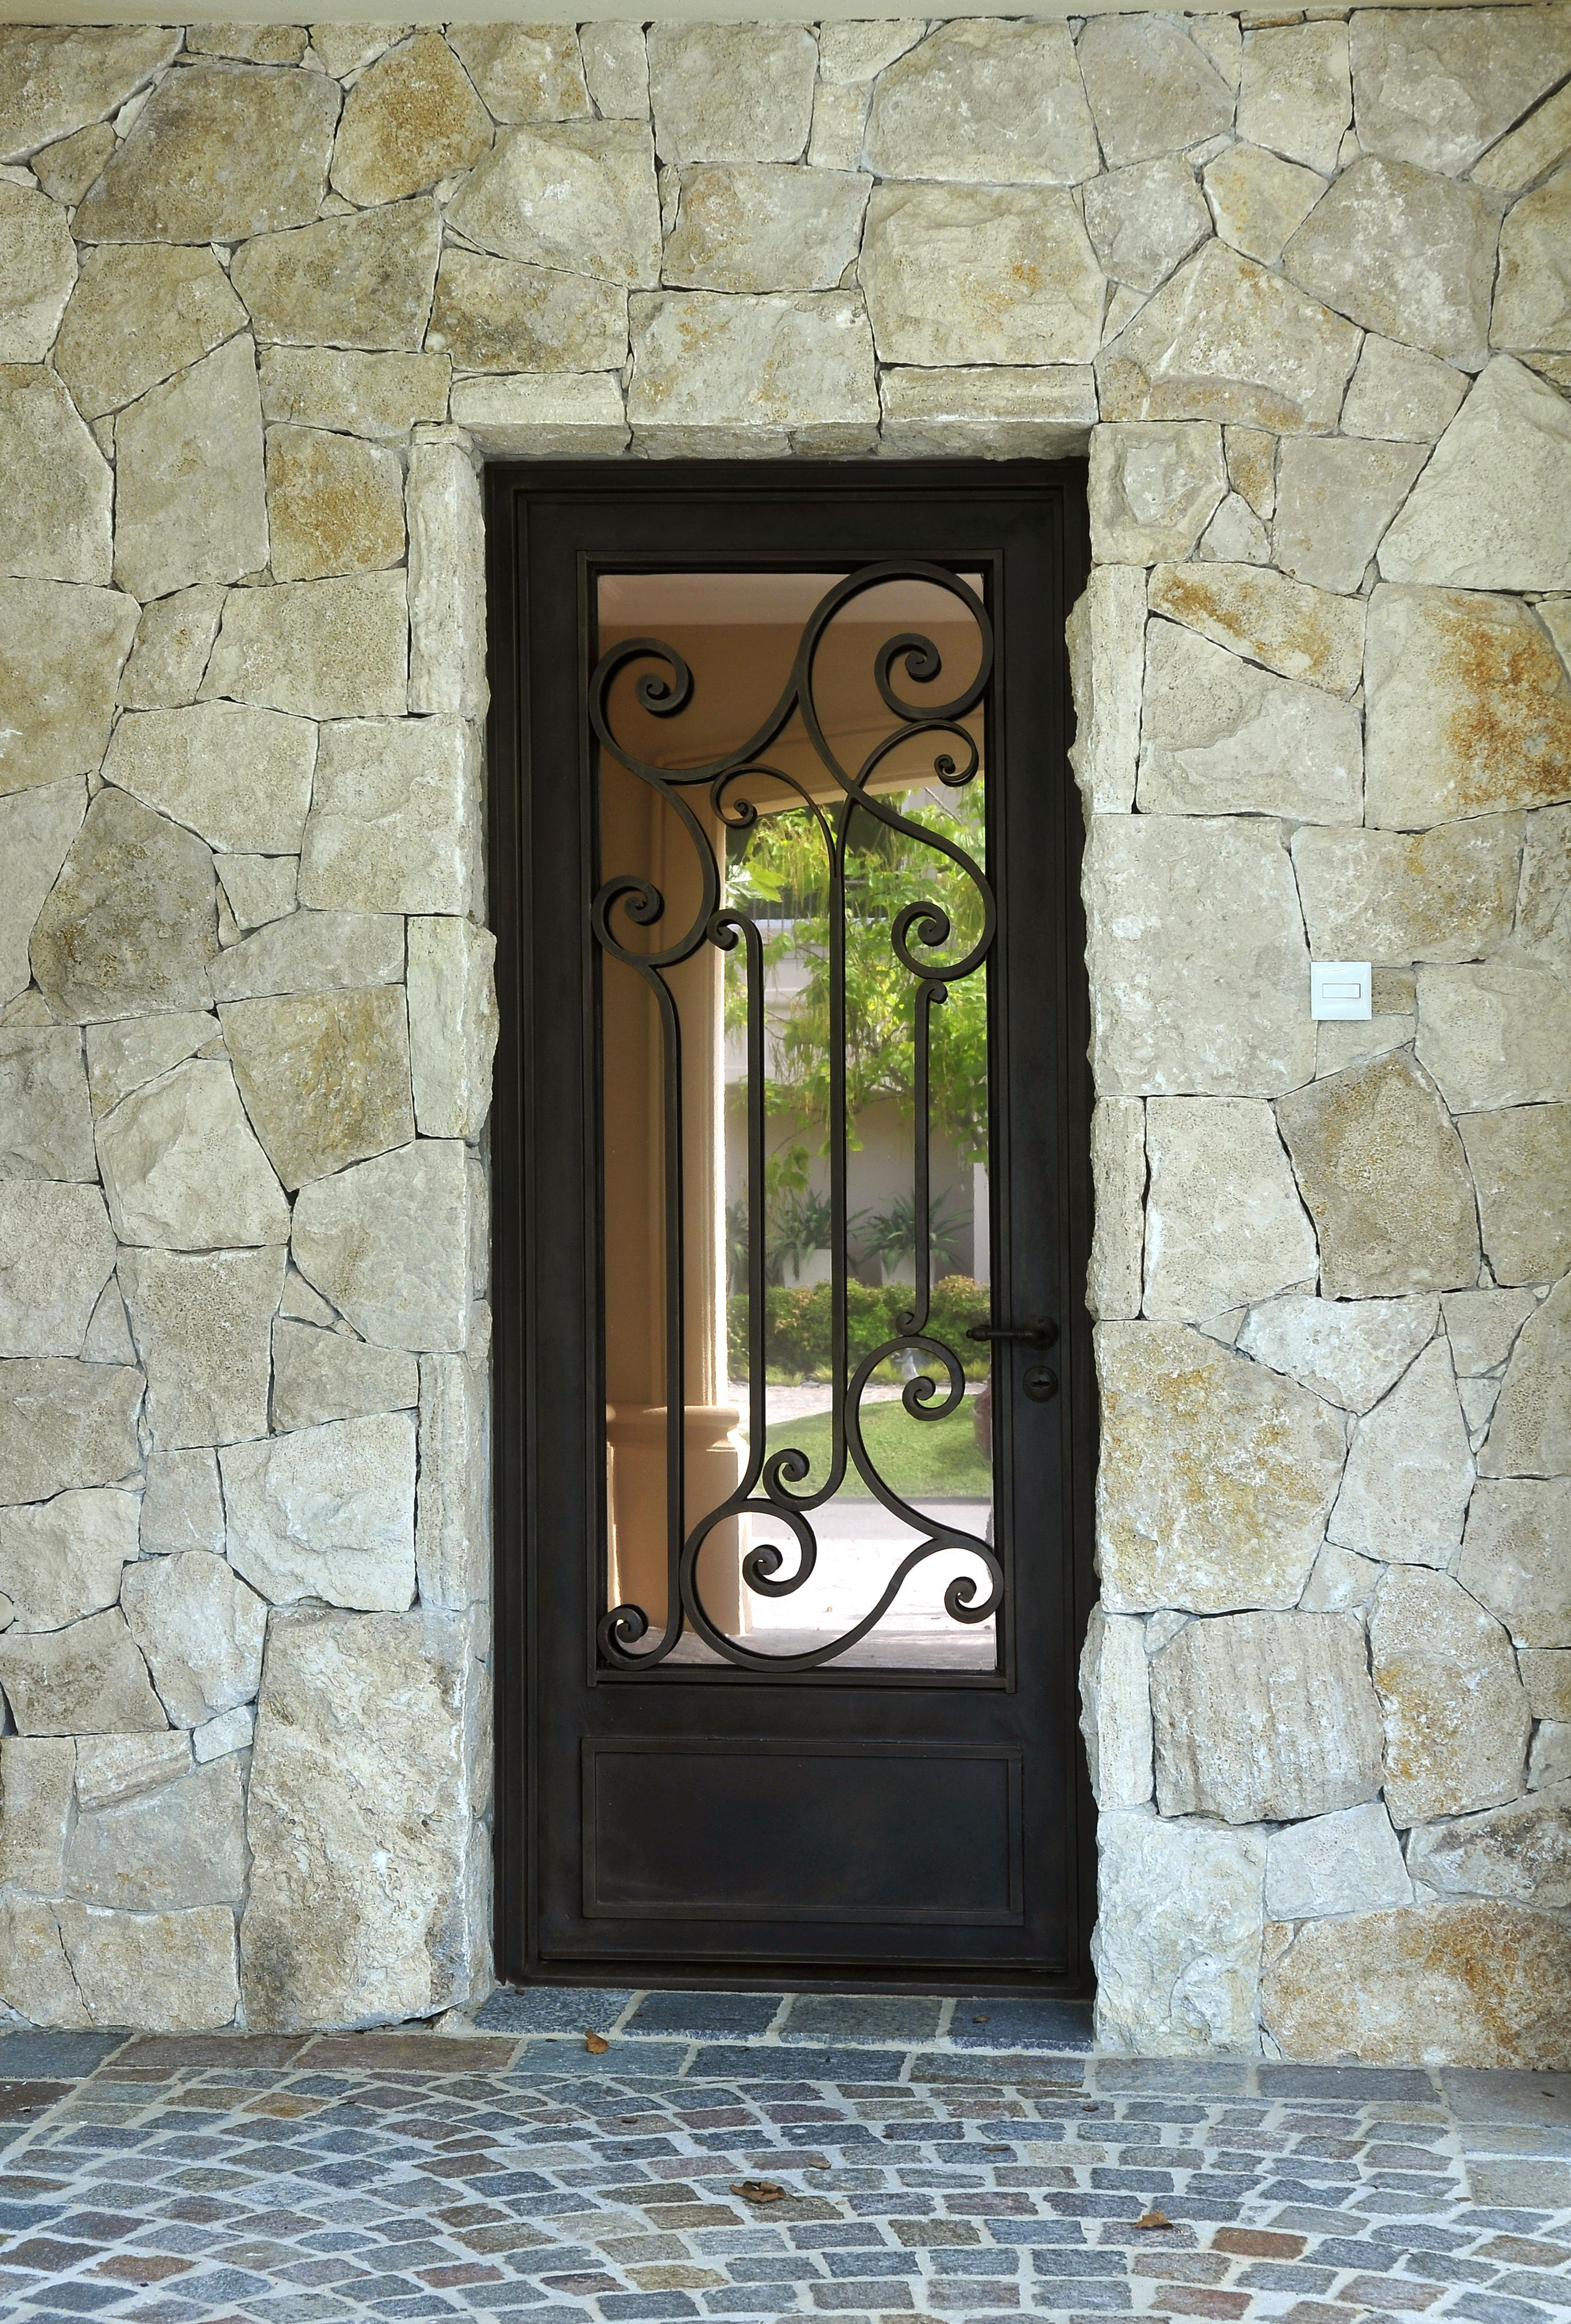 Puerta de hierro forjado delhierrodesign obras del hierro design 2012 2016 pinterest - Puertas de entrada de segunda mano ...